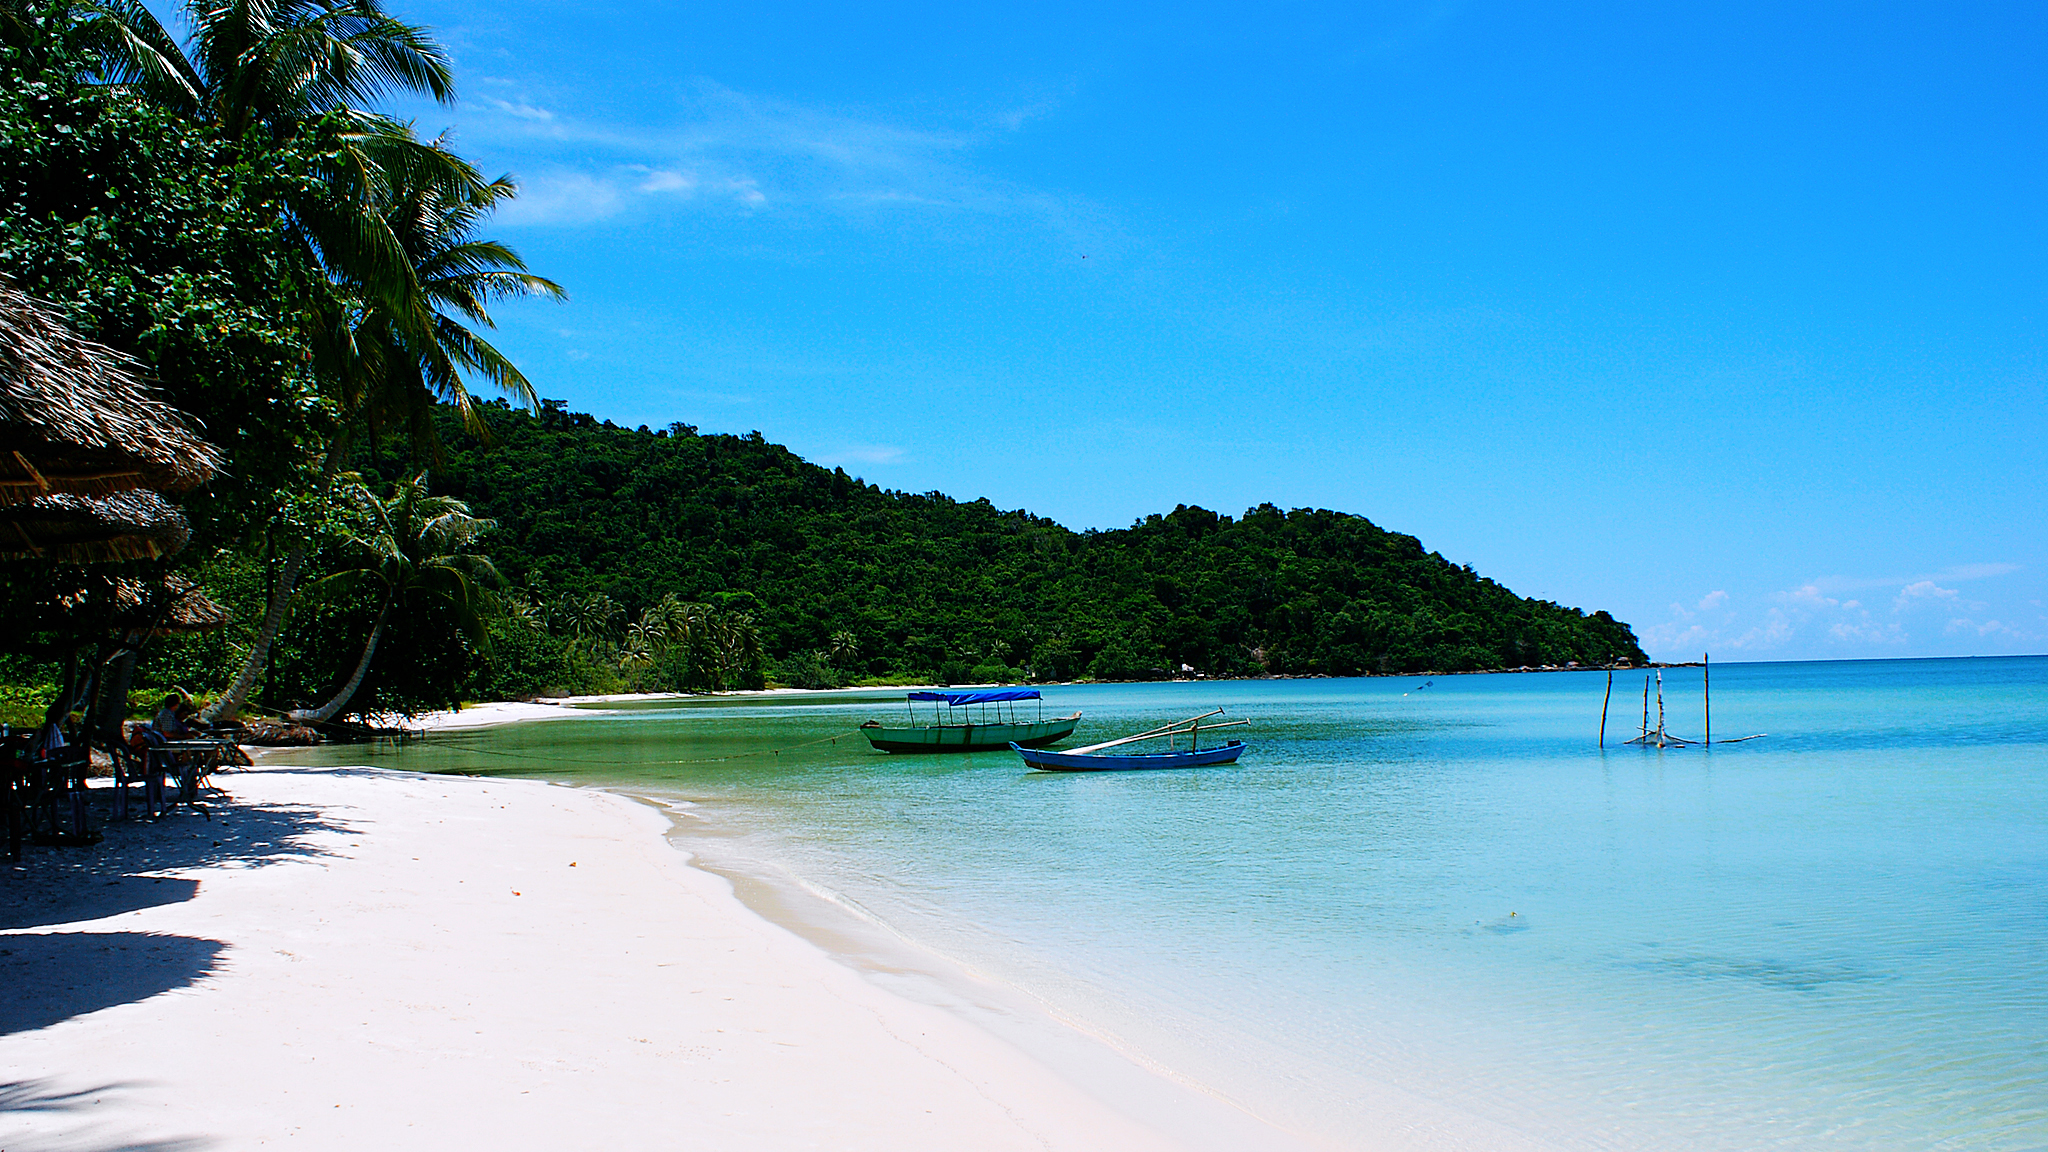 Giá vé máy bay cho đoàn của hãng Vietnam Airlines từ Cần Thơ tới Phú Quốc